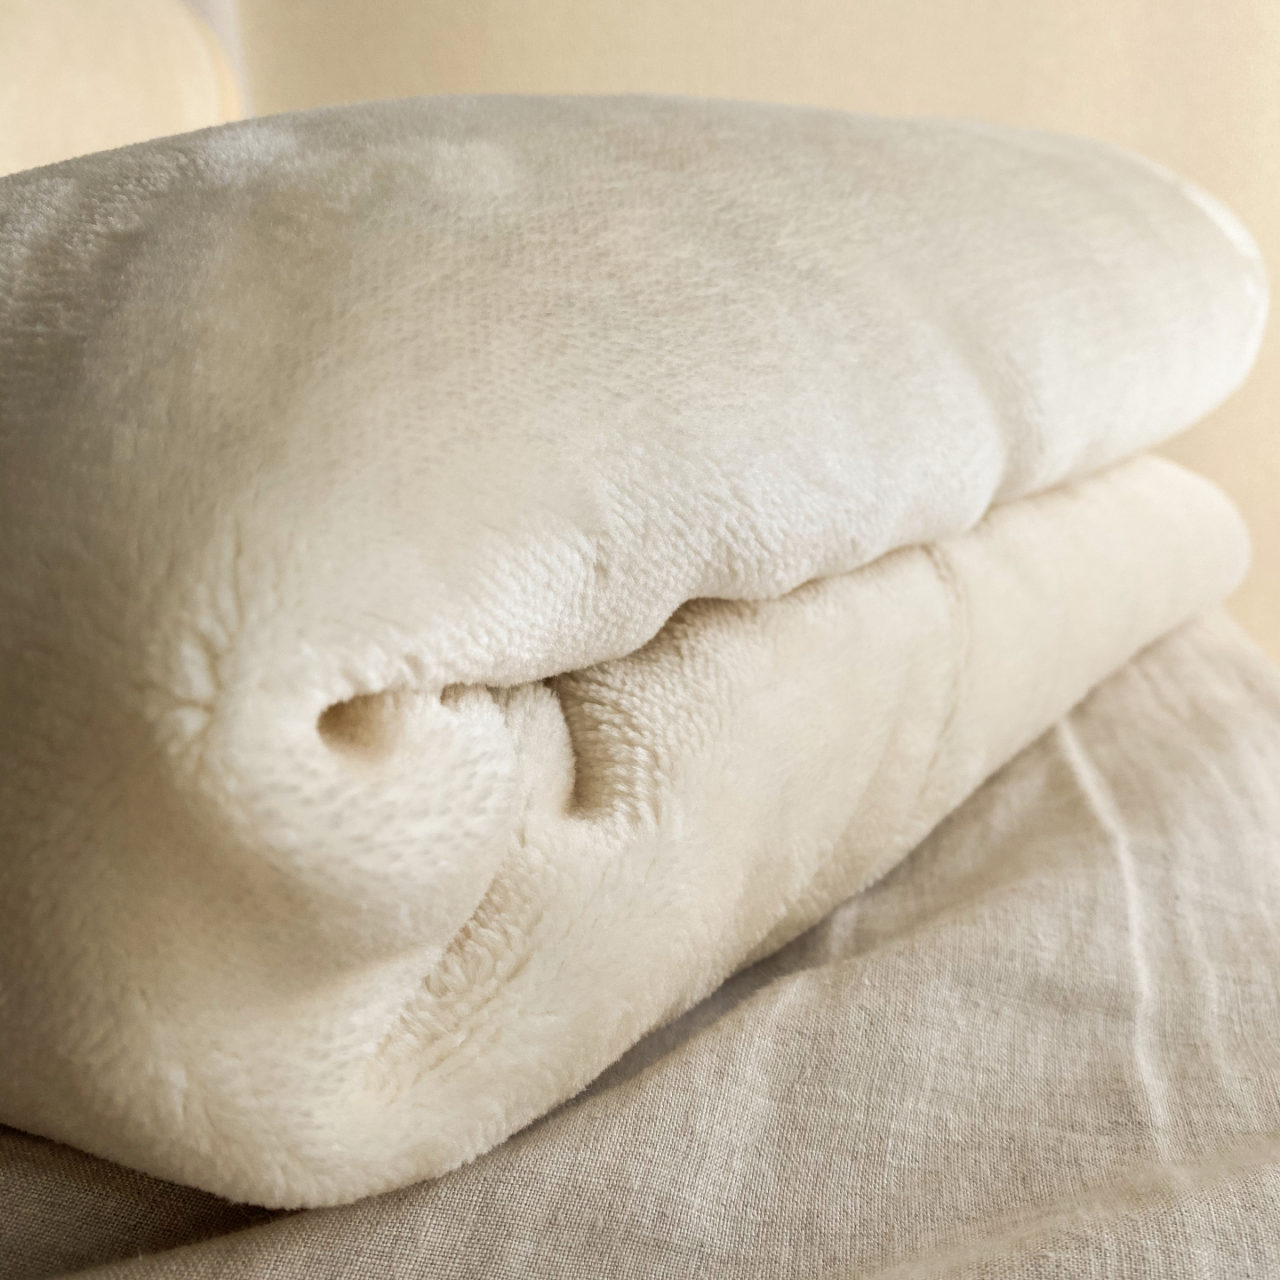 毛布を畳んでいる、ボリューミー